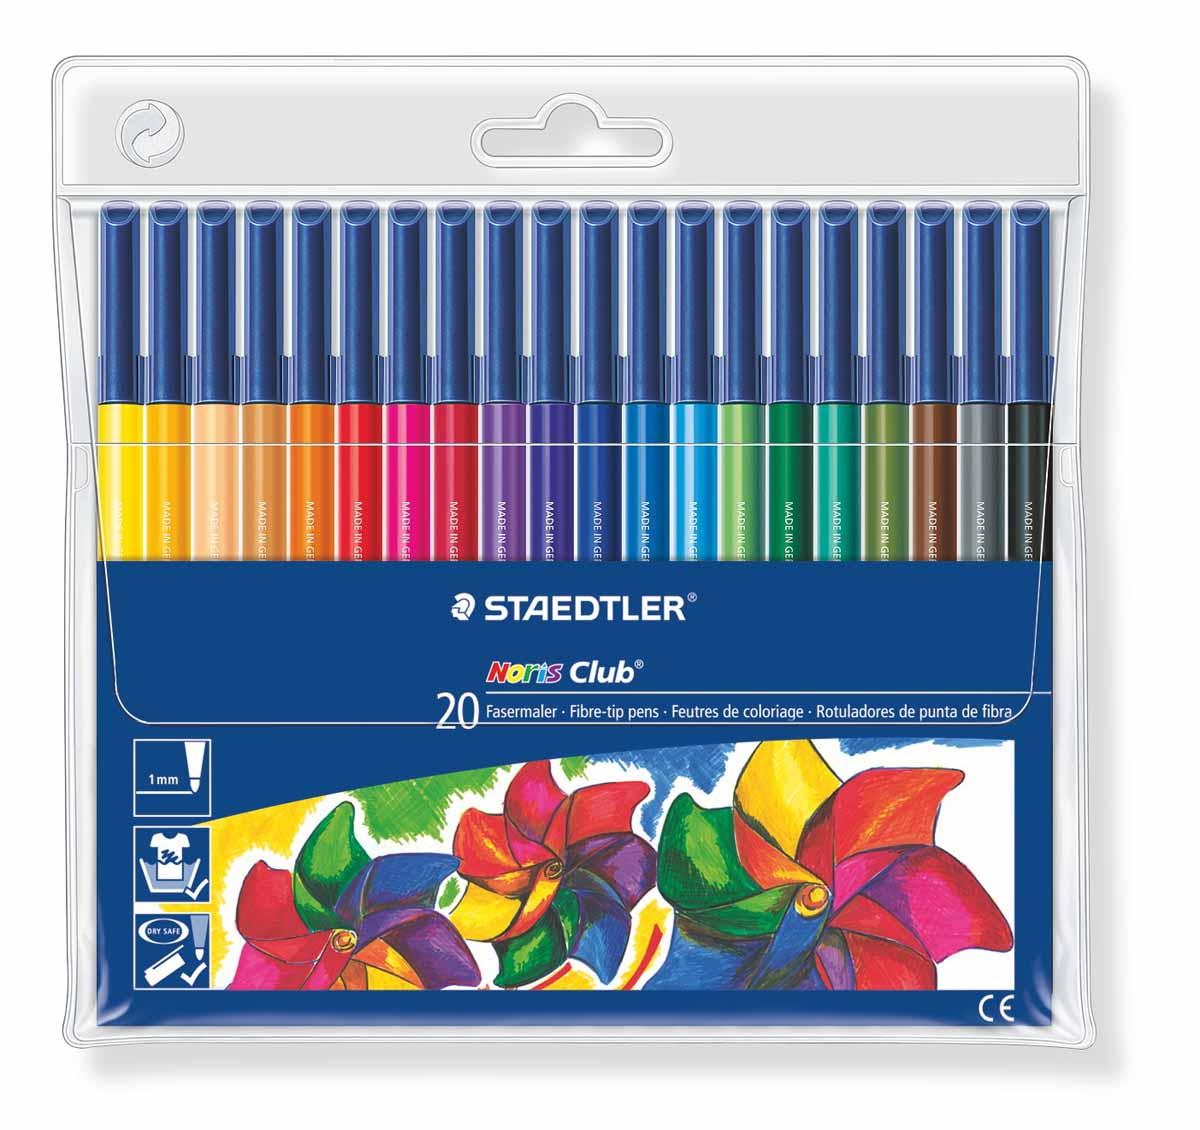 Staedtler Набор фломастеров Noris Club 20 цветов326WP2007Набор фломастеров NorisClub, Staedtler. Содержит 20 цветов в ассортименте. Толщина линии прибл. 1,0 мм. Широкий выбор возможностей для рисования.